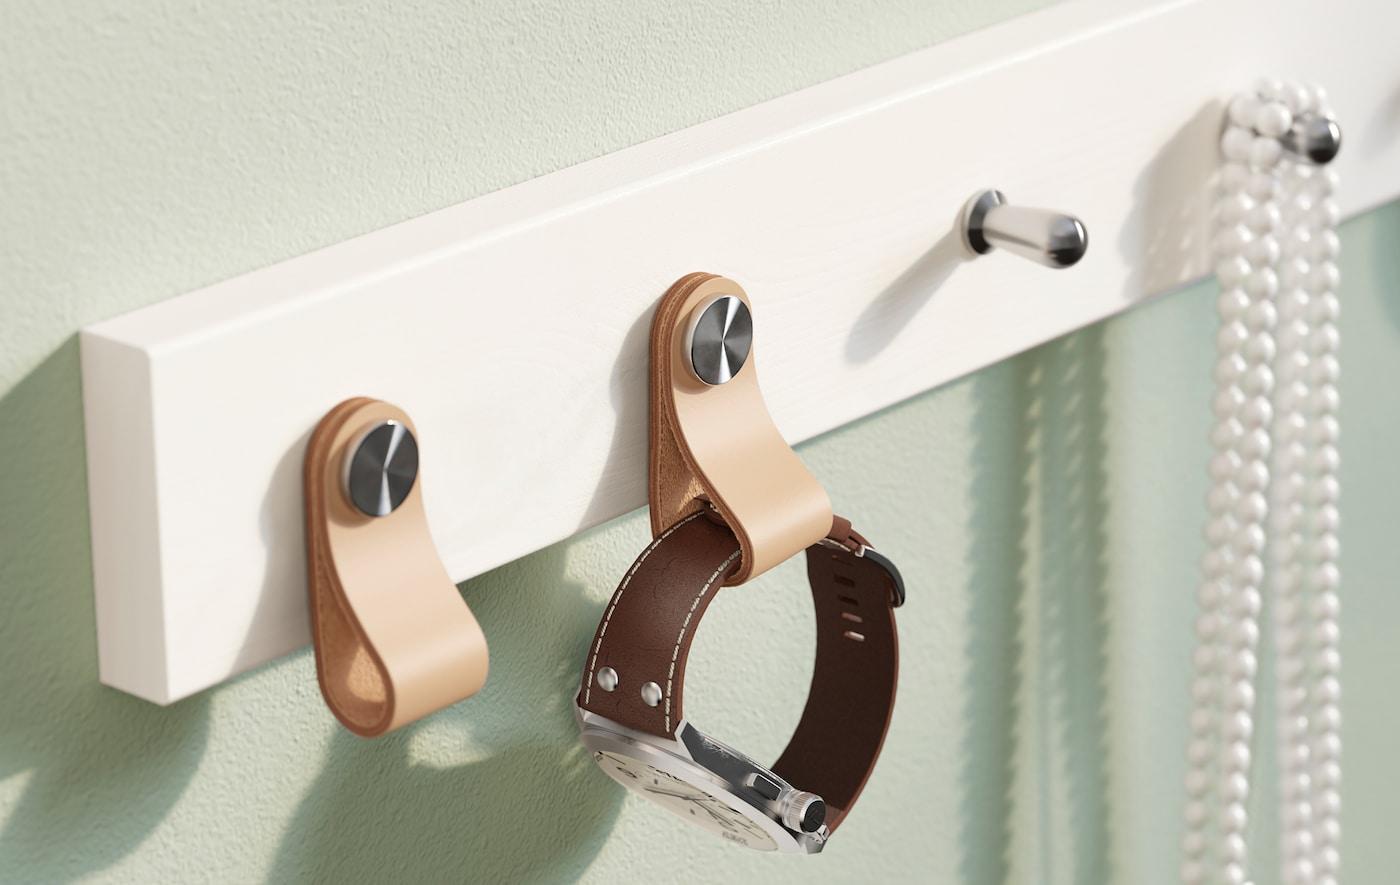 Une patère IKEA LURT blanche pour 6 boutons à laquelle une montre et quelques perles sont suspendues.